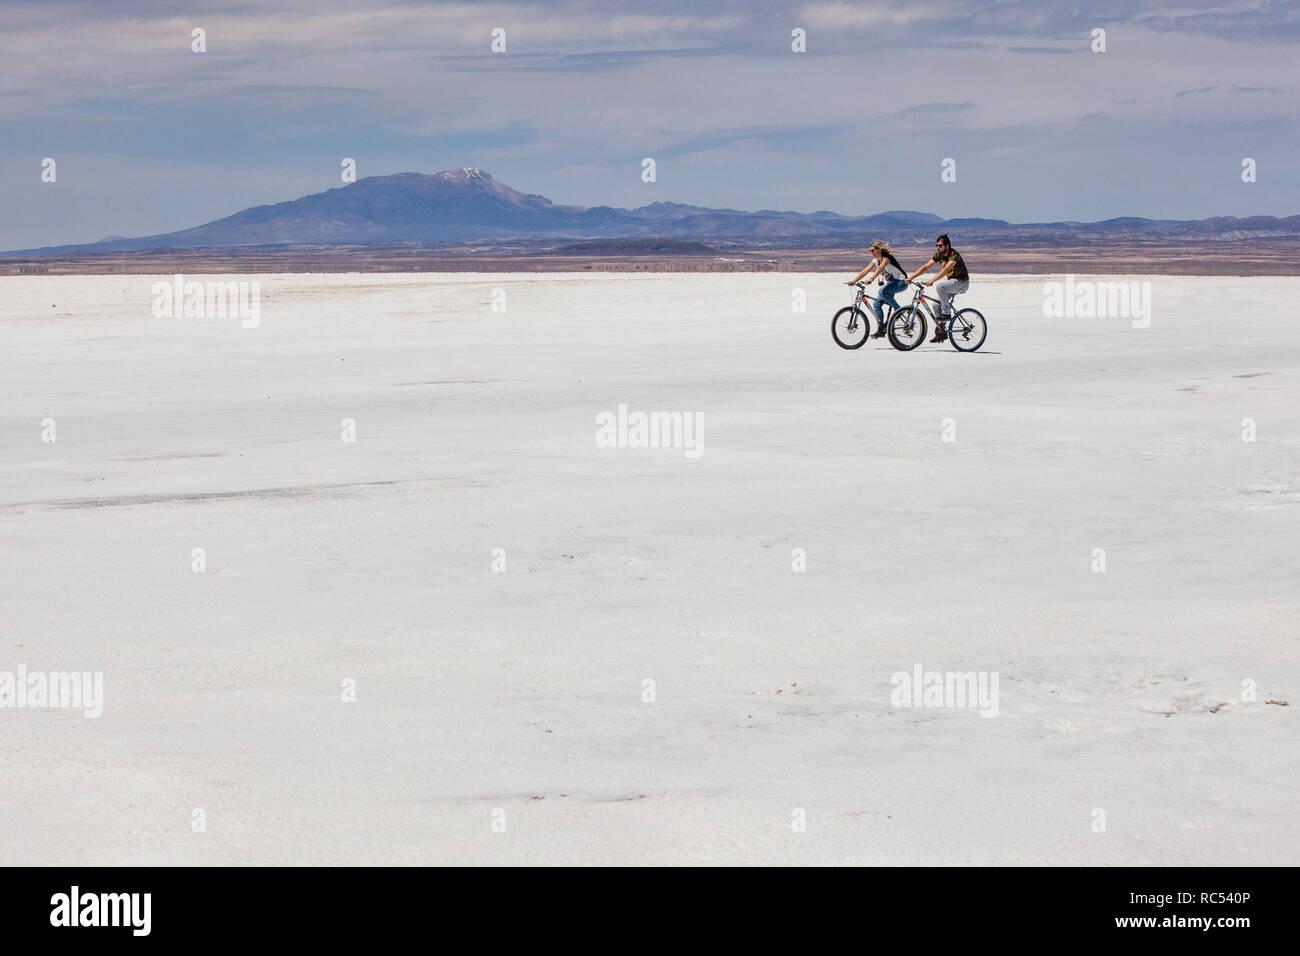 Una joven pareja se lanzó en la aventura de un ciclo de vida, puesto que a través de las vastas y abra el Salar de Uyuni, que disfrutan de libertad y hermosas vistas. Imagen De Stock